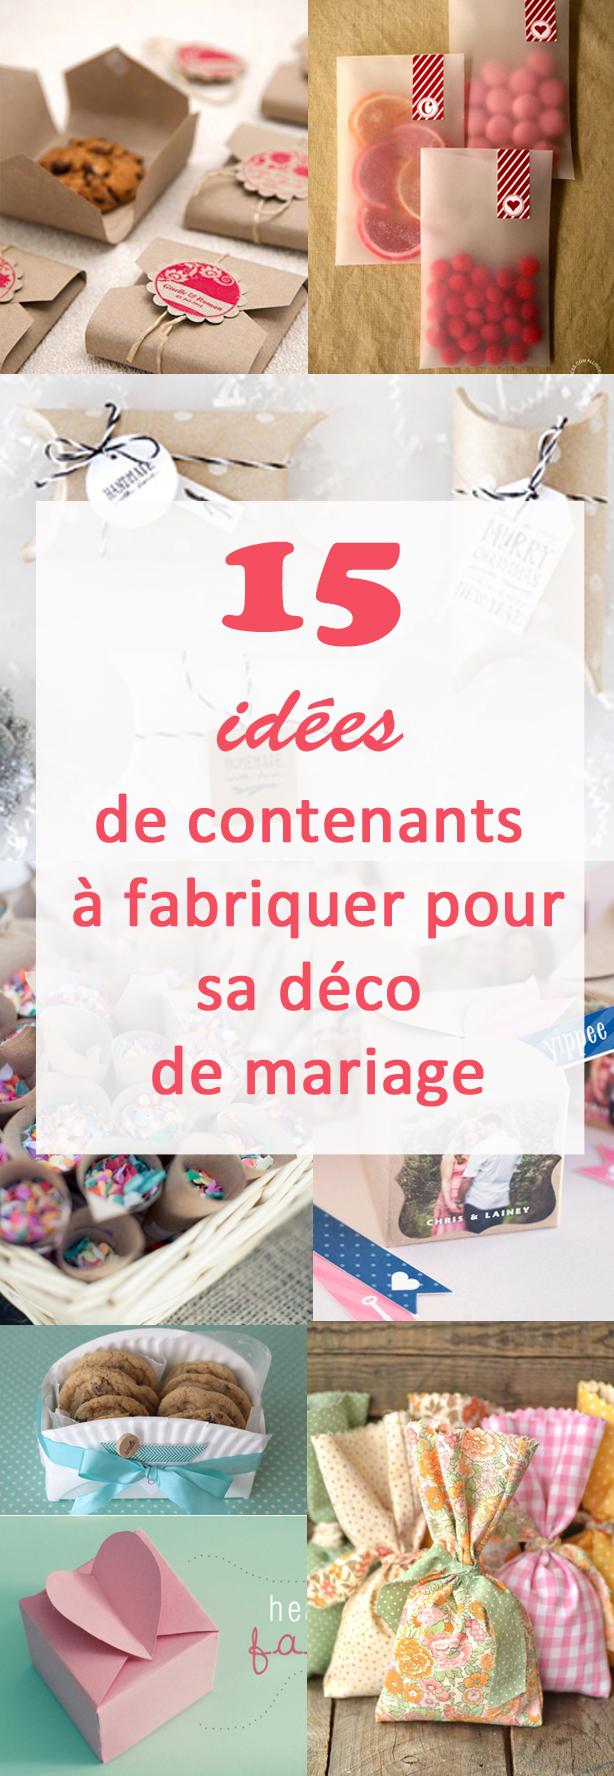 id e d co pour mariage a faire soi meme id es et d. Black Bedroom Furniture Sets. Home Design Ideas